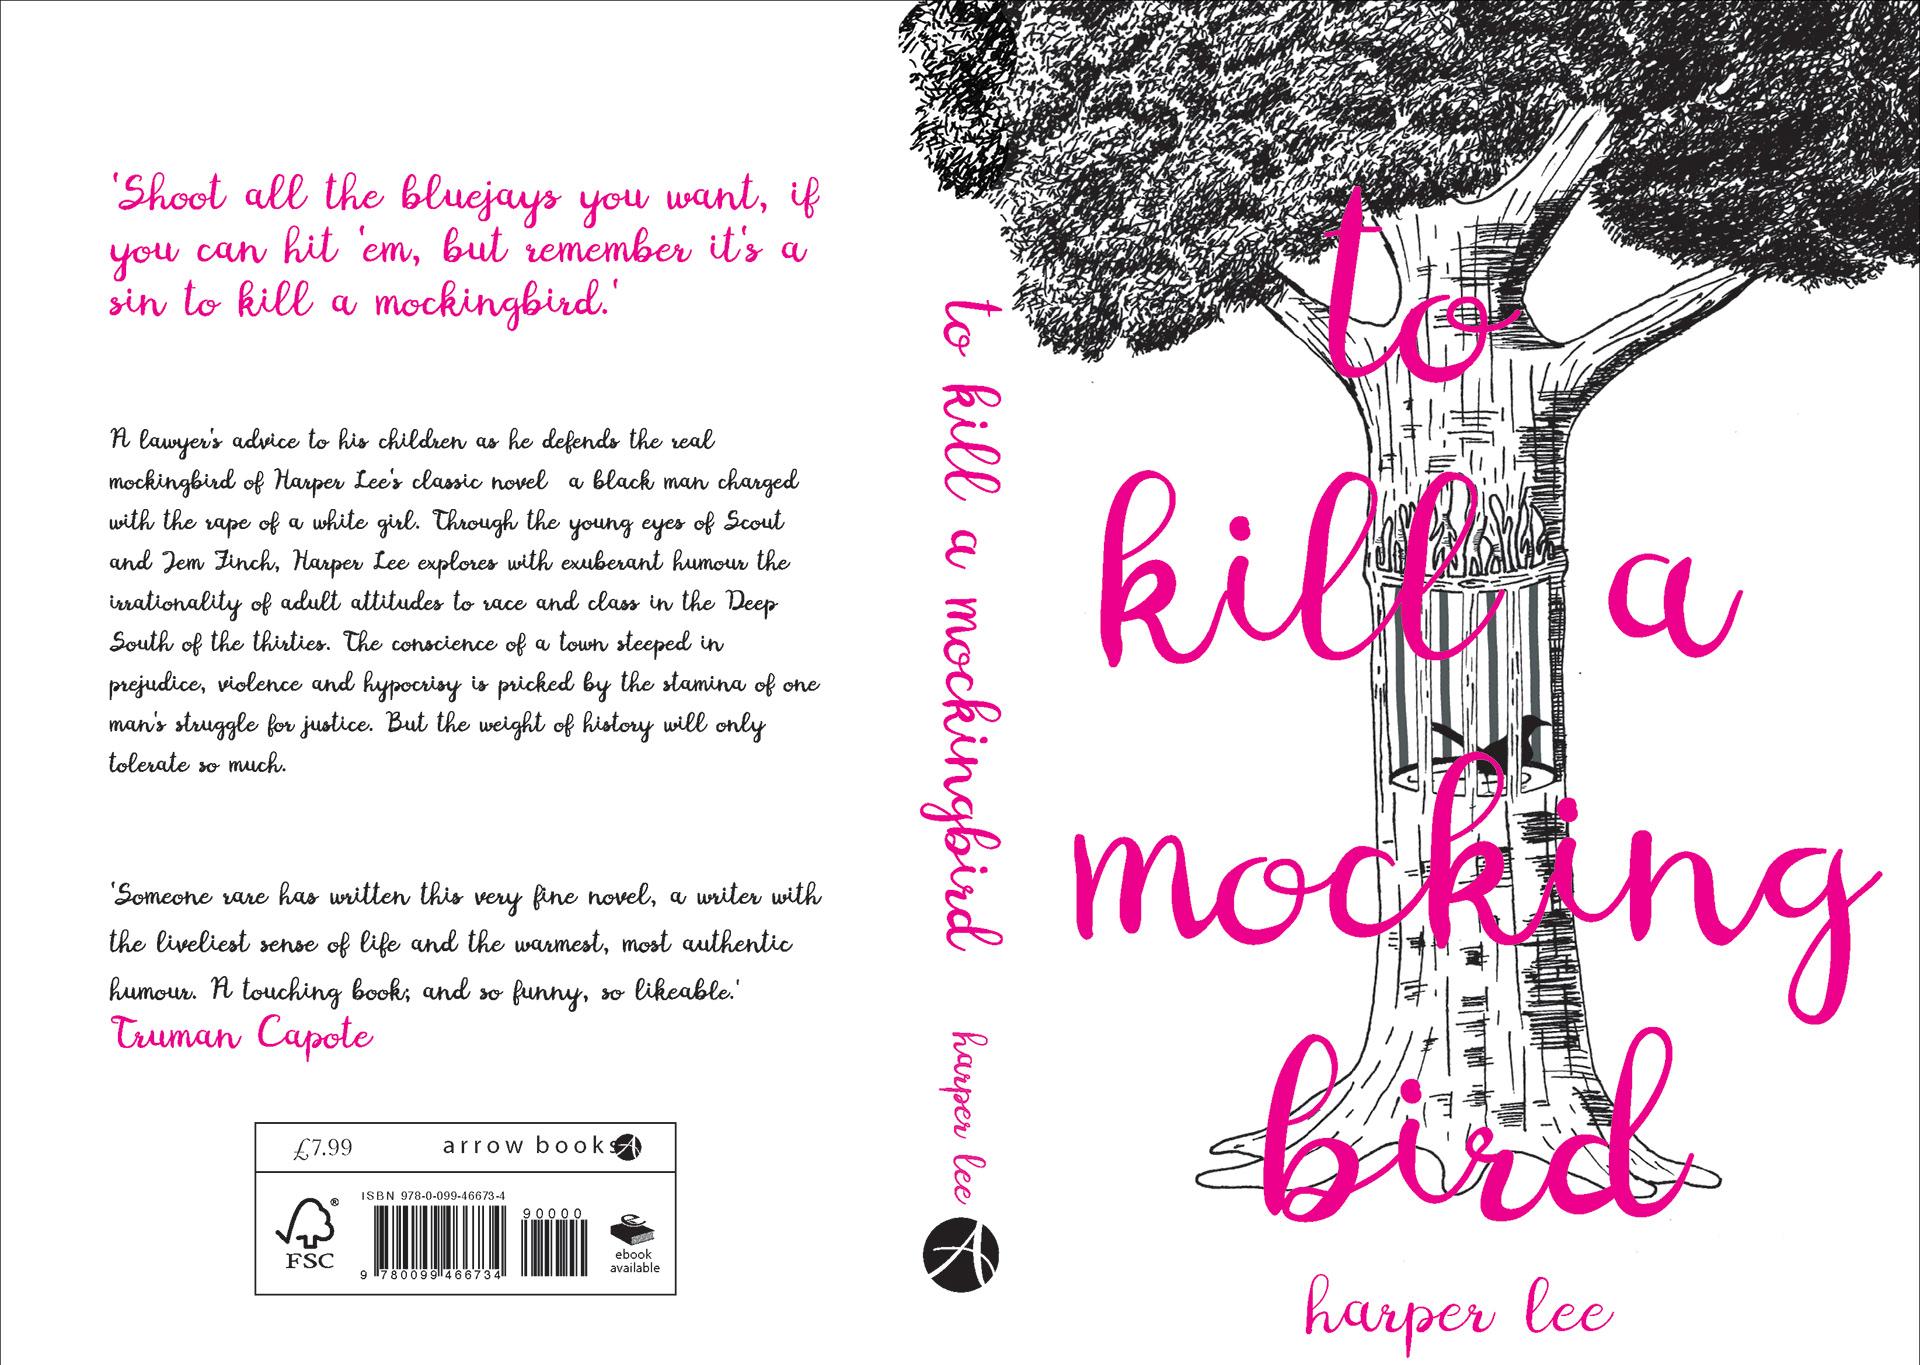 to kill a mockingbird book jacket